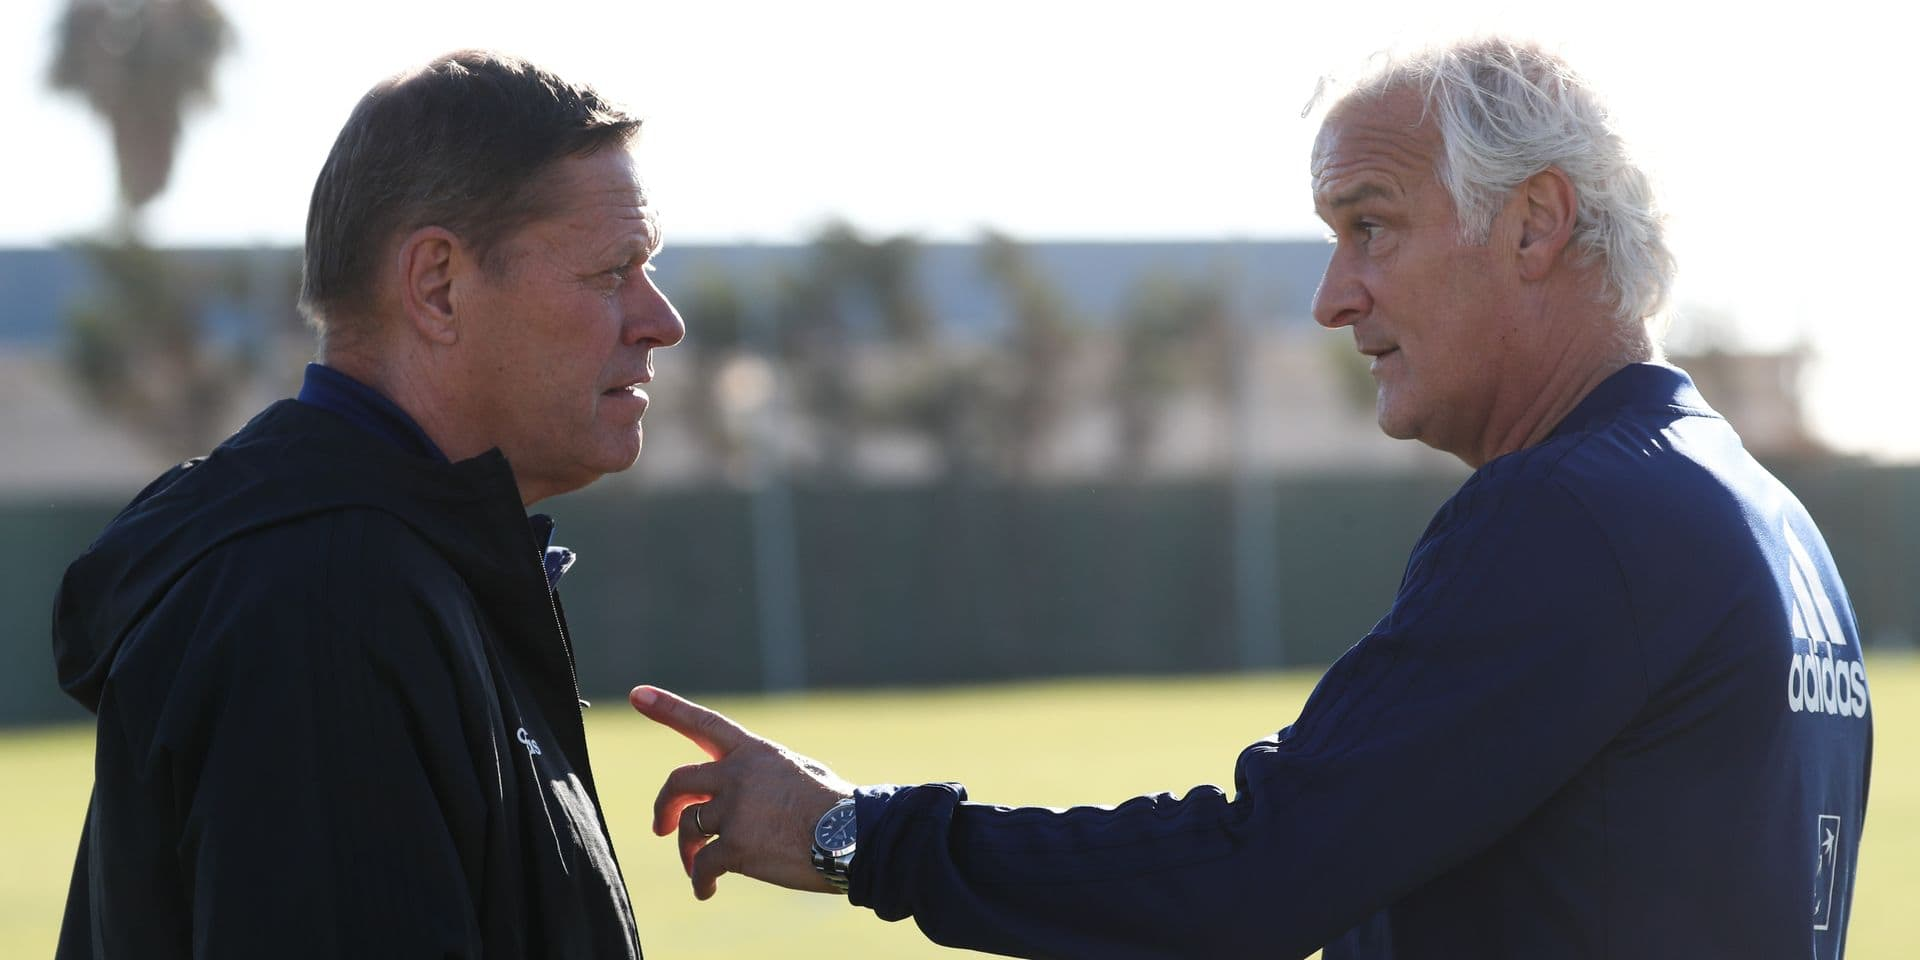 """Frank Arnesen revient surses rencontres dans le monde du foot: """"Si Mourinho me croise, il ne me dira pas bonjour"""""""